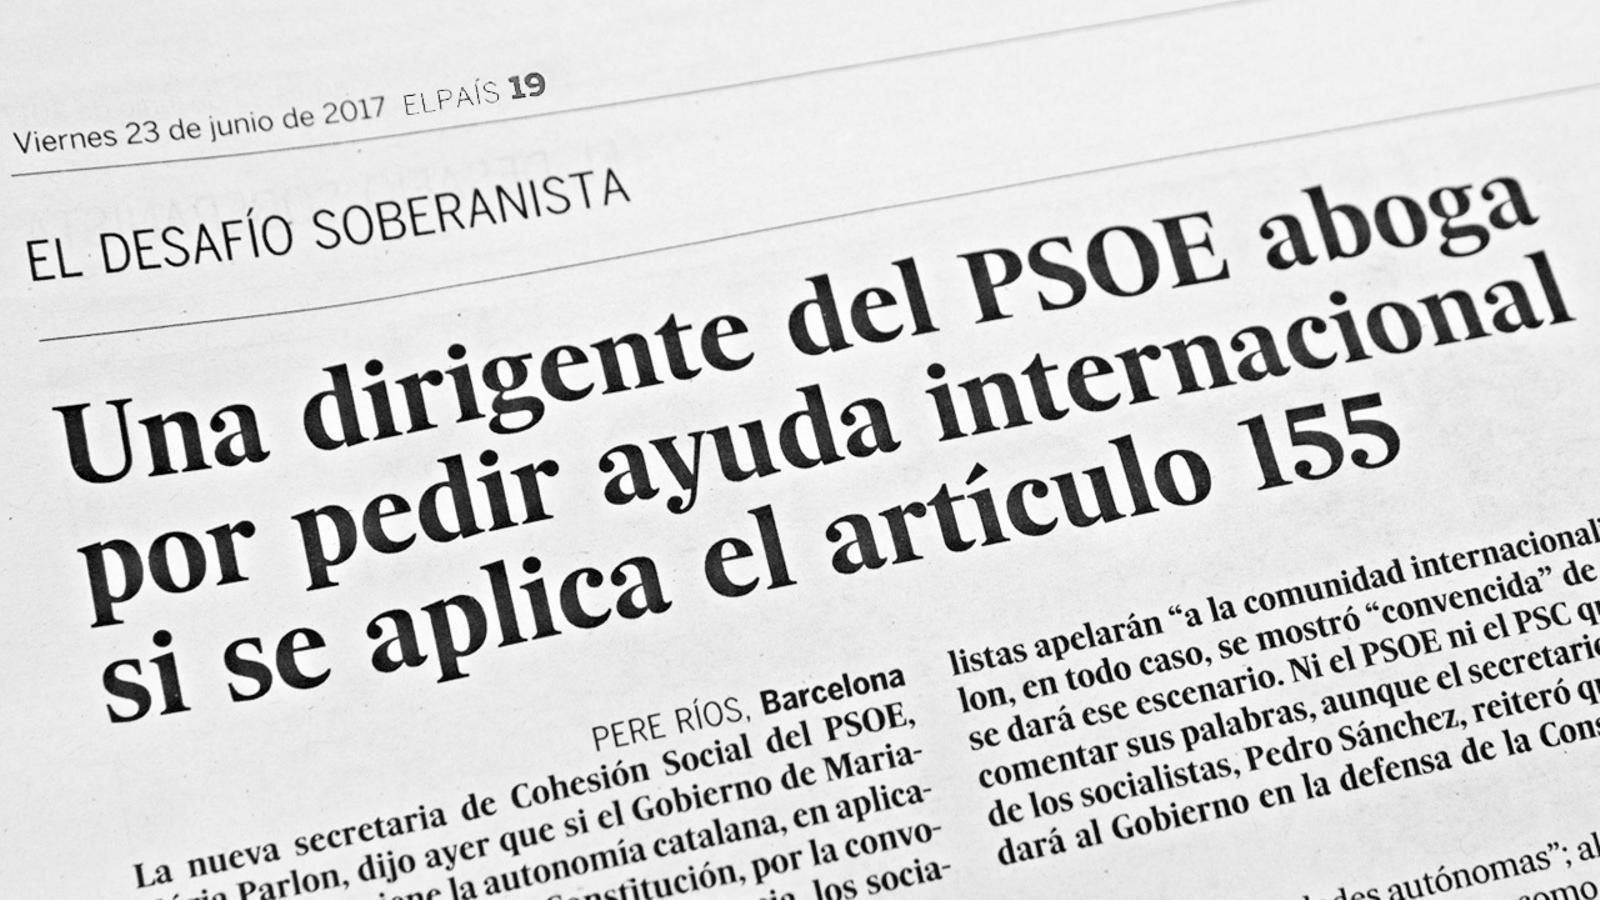 L'anàlisi d'Antoni Bassas: 'Parlon i apel·lar a la comunitat internacional'